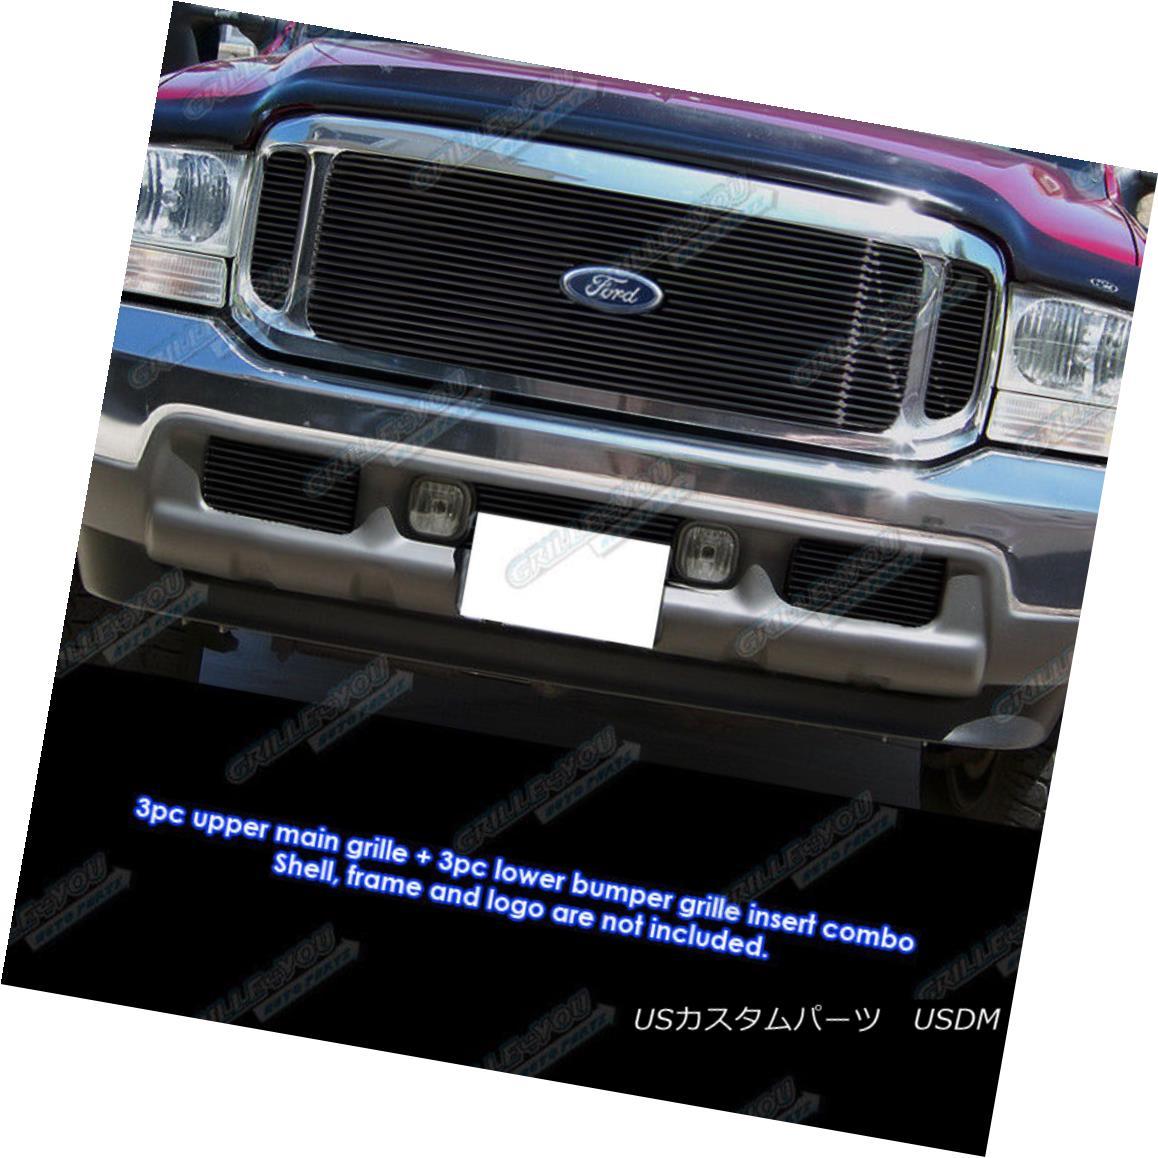 グリル Custom Fits 99-04 Ford F250/F350 Super Duty Black Billet Grill Combo カスタムフィット99-04 Ford F250 / F350スーパーデューティブラックビレットグリルコンボ